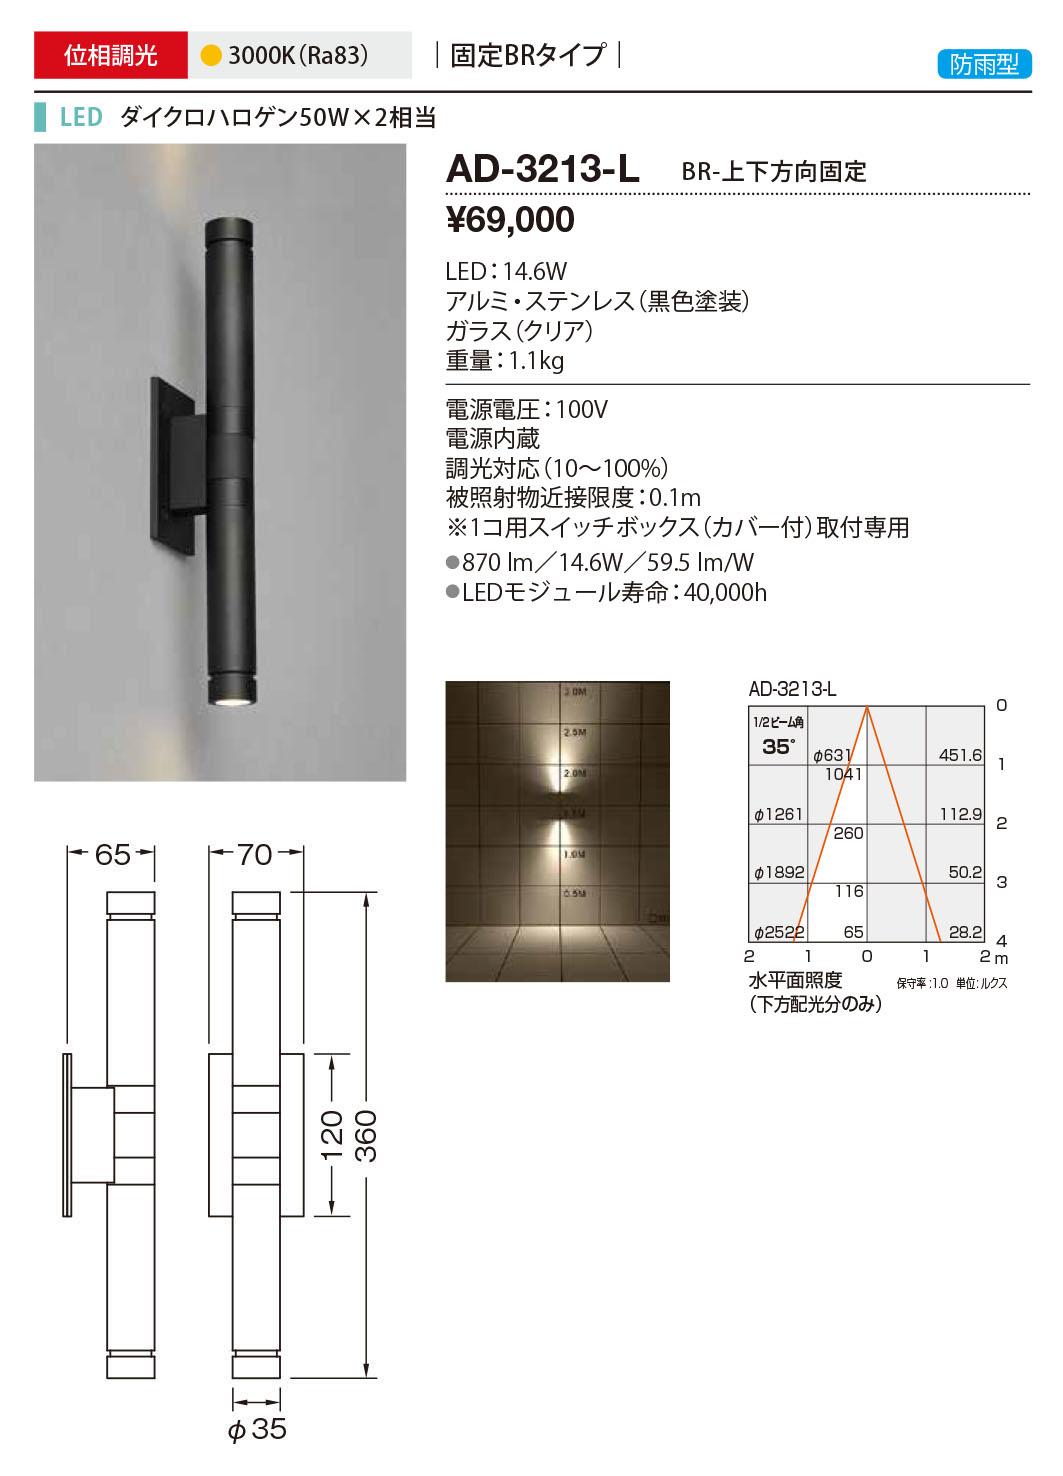 AD-3213-L 山田照明 照明器具 エクステリア LED一体型スポットライト コンパクト35 調光 BR上下方向固定 防雨型 ダイクロハロゲン50W×2相当 電球色 AD-3213-L